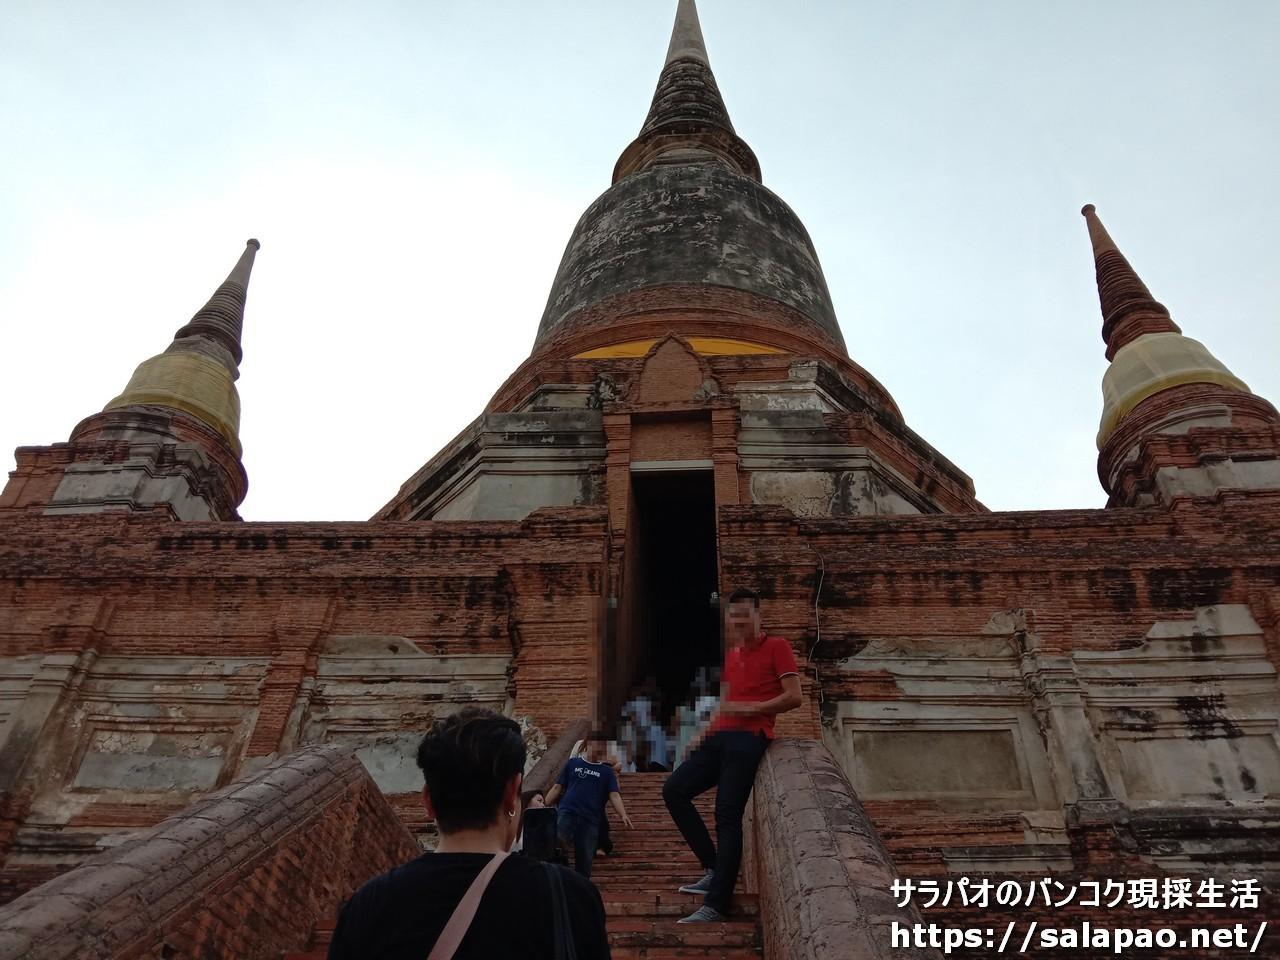 ワット・ヤイ・チャイ・モンコンの巨大仏塔は圧巻! in アユタヤ歴史公園